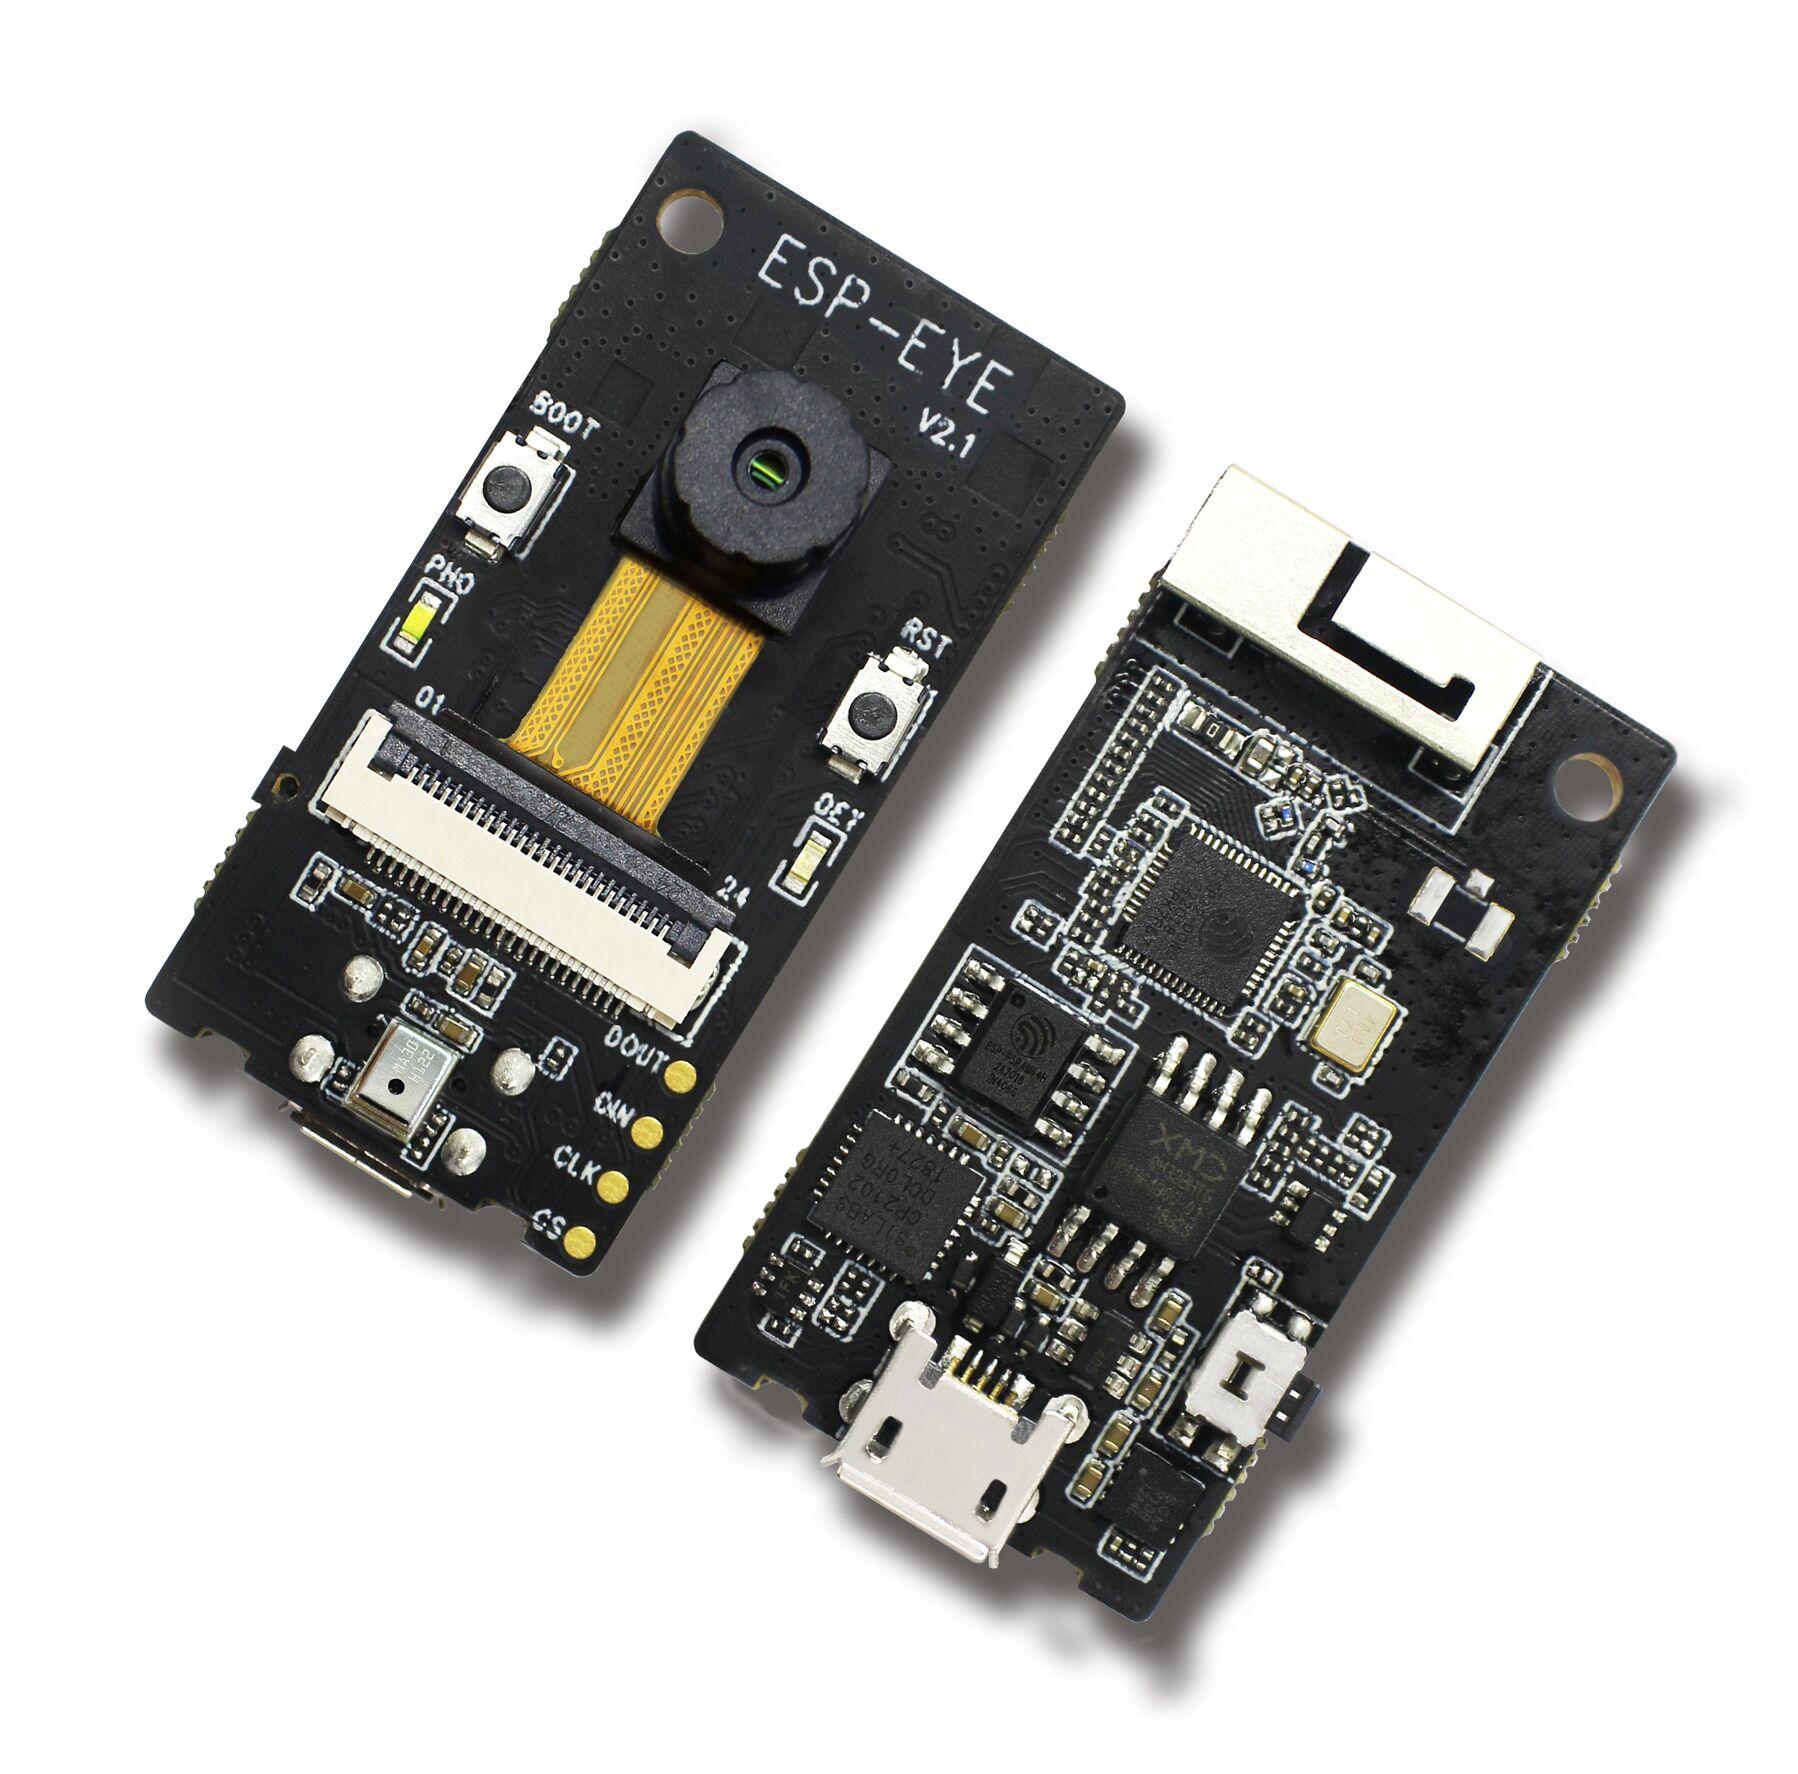 Switch 632A24 0 for MAKITA DHP343 DDF343 BHP343 632A23 2 DHP453 DHP453RFE DF453D DDF453RFE DDF453 DDF343